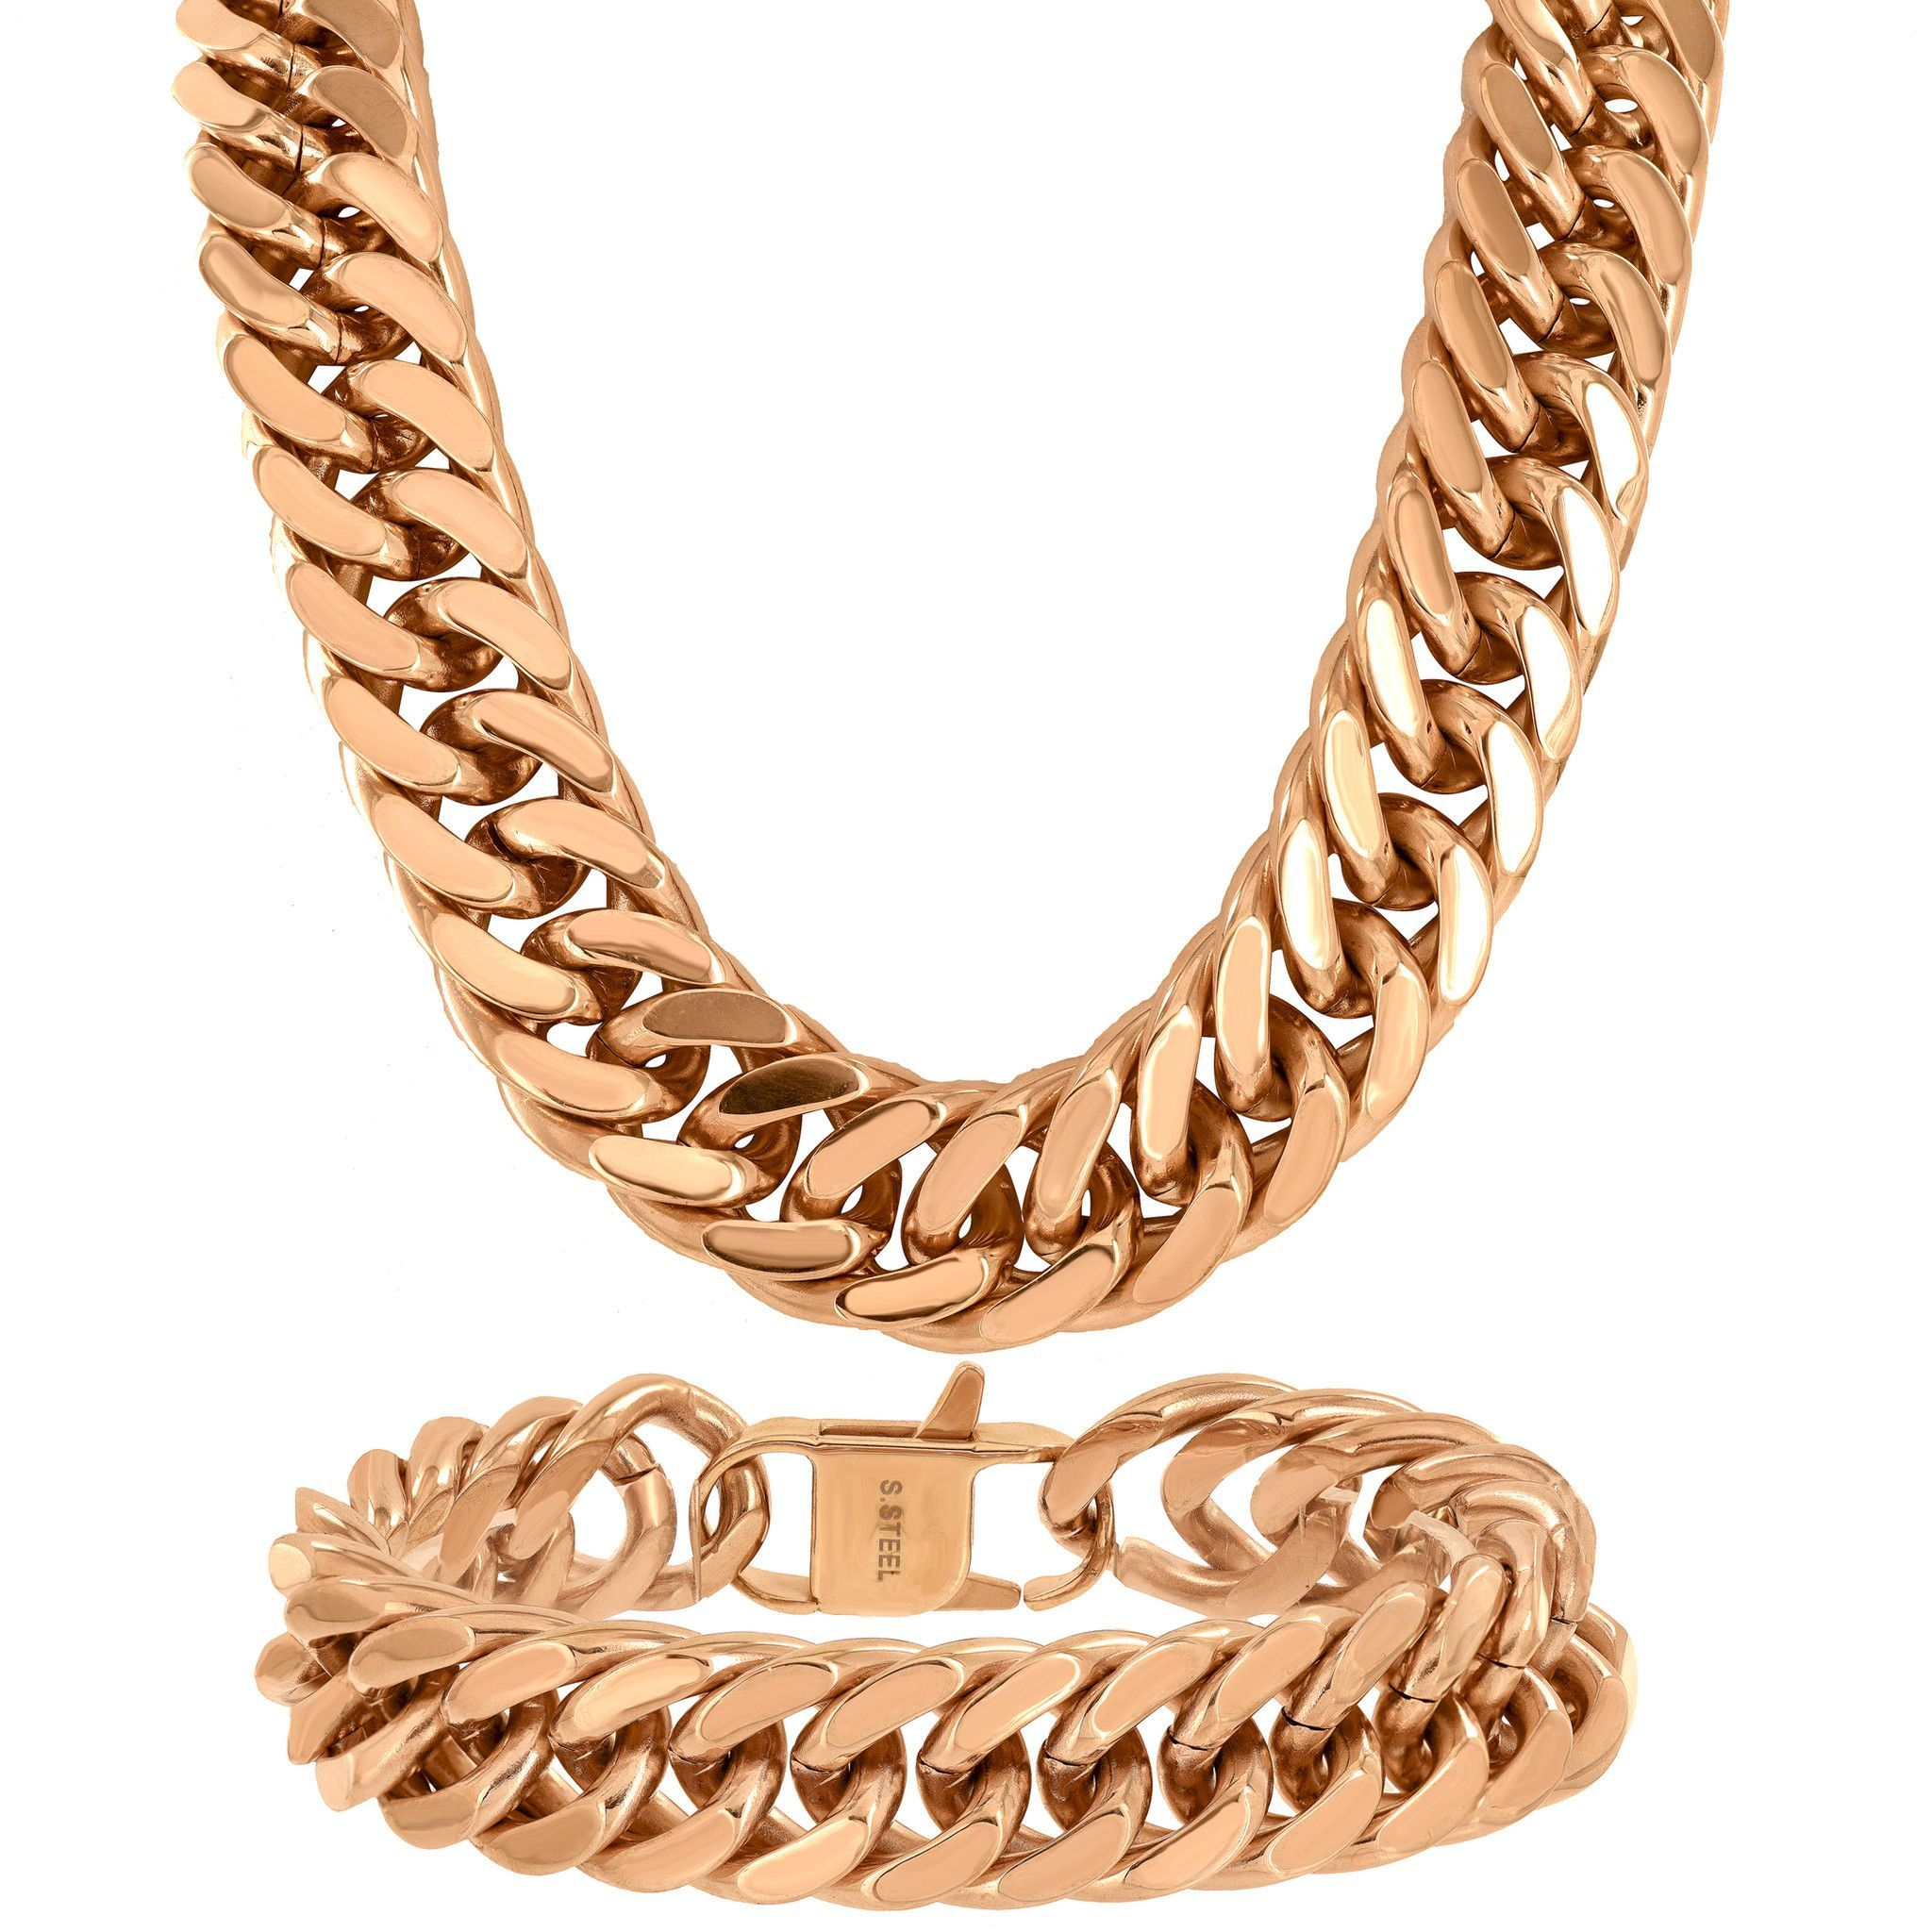 Neckalce bracelet combo k gold finish mm thick gr